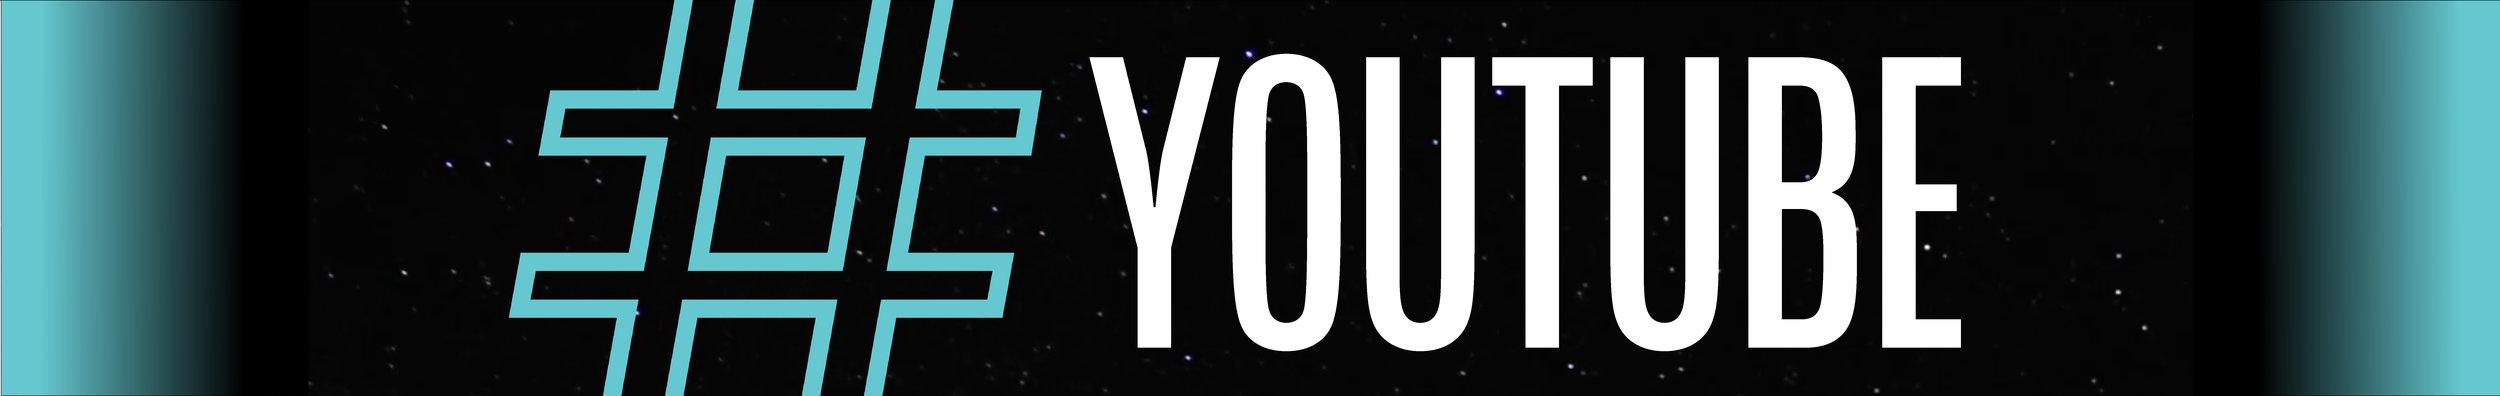 # YOUTUBE BLACK COVER-01.jpg